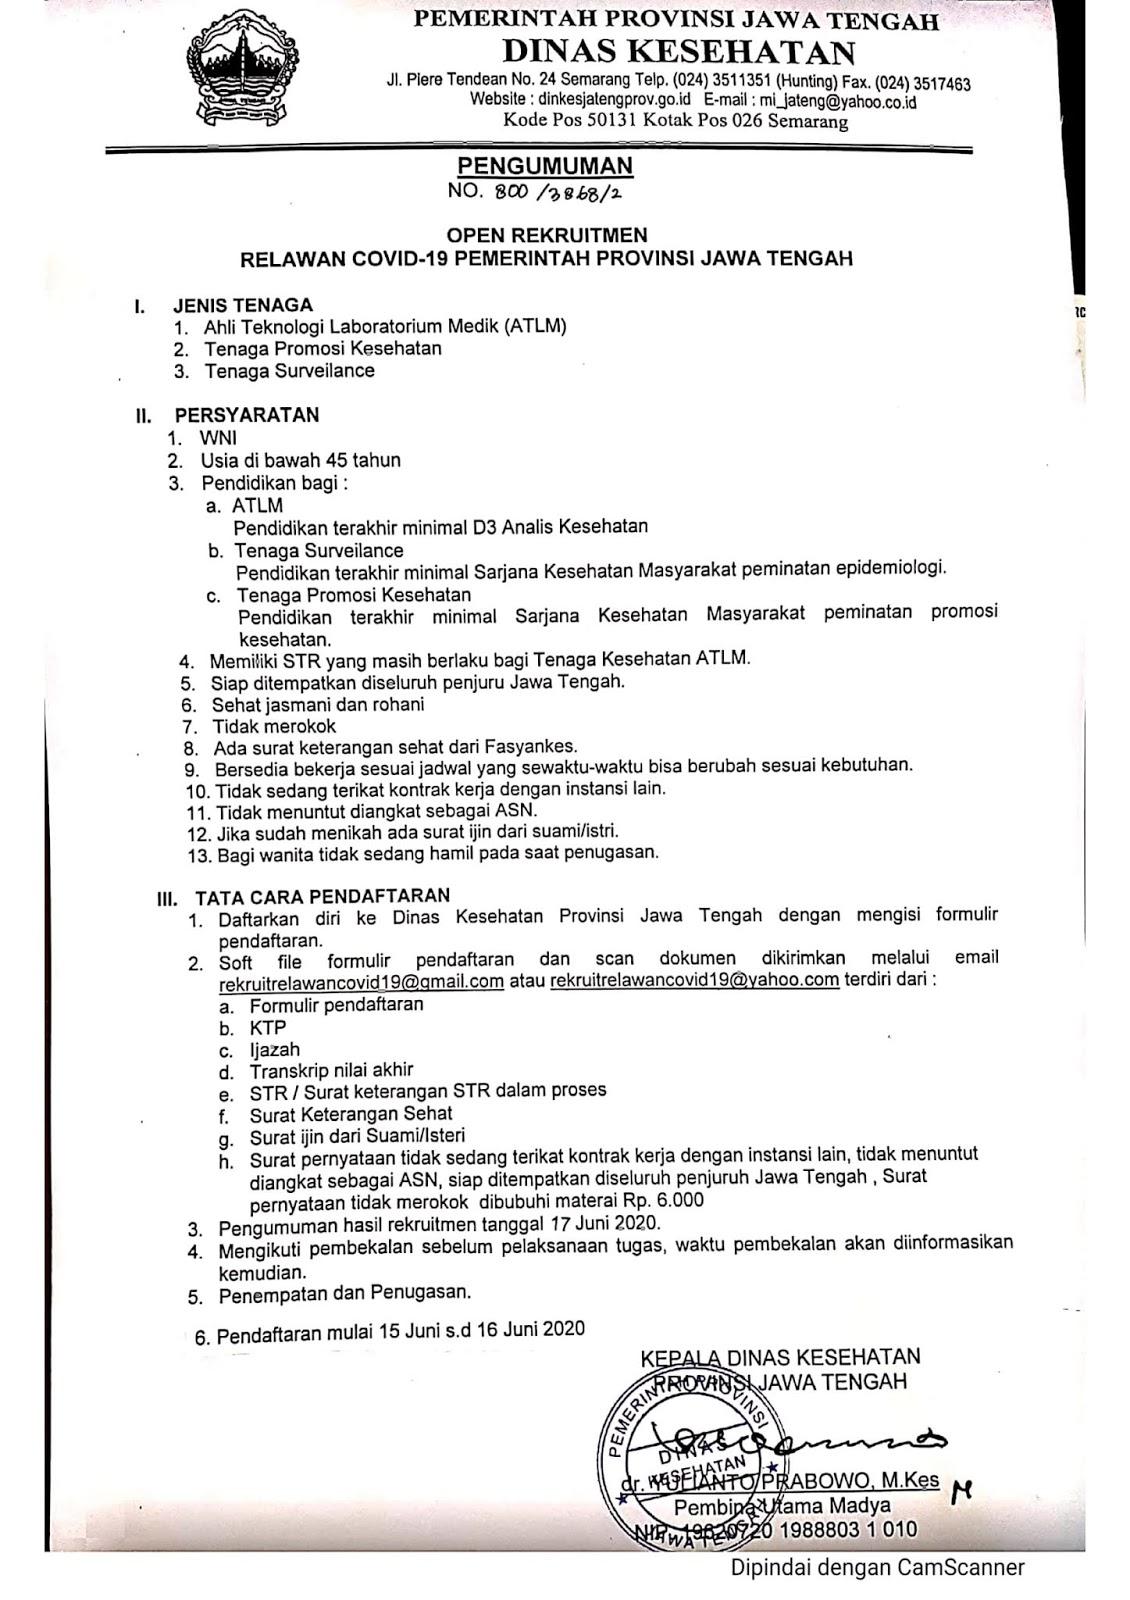 Rekrutmen Relawan Tenaga Kesehatan Pemprov Jateng Juni 2020